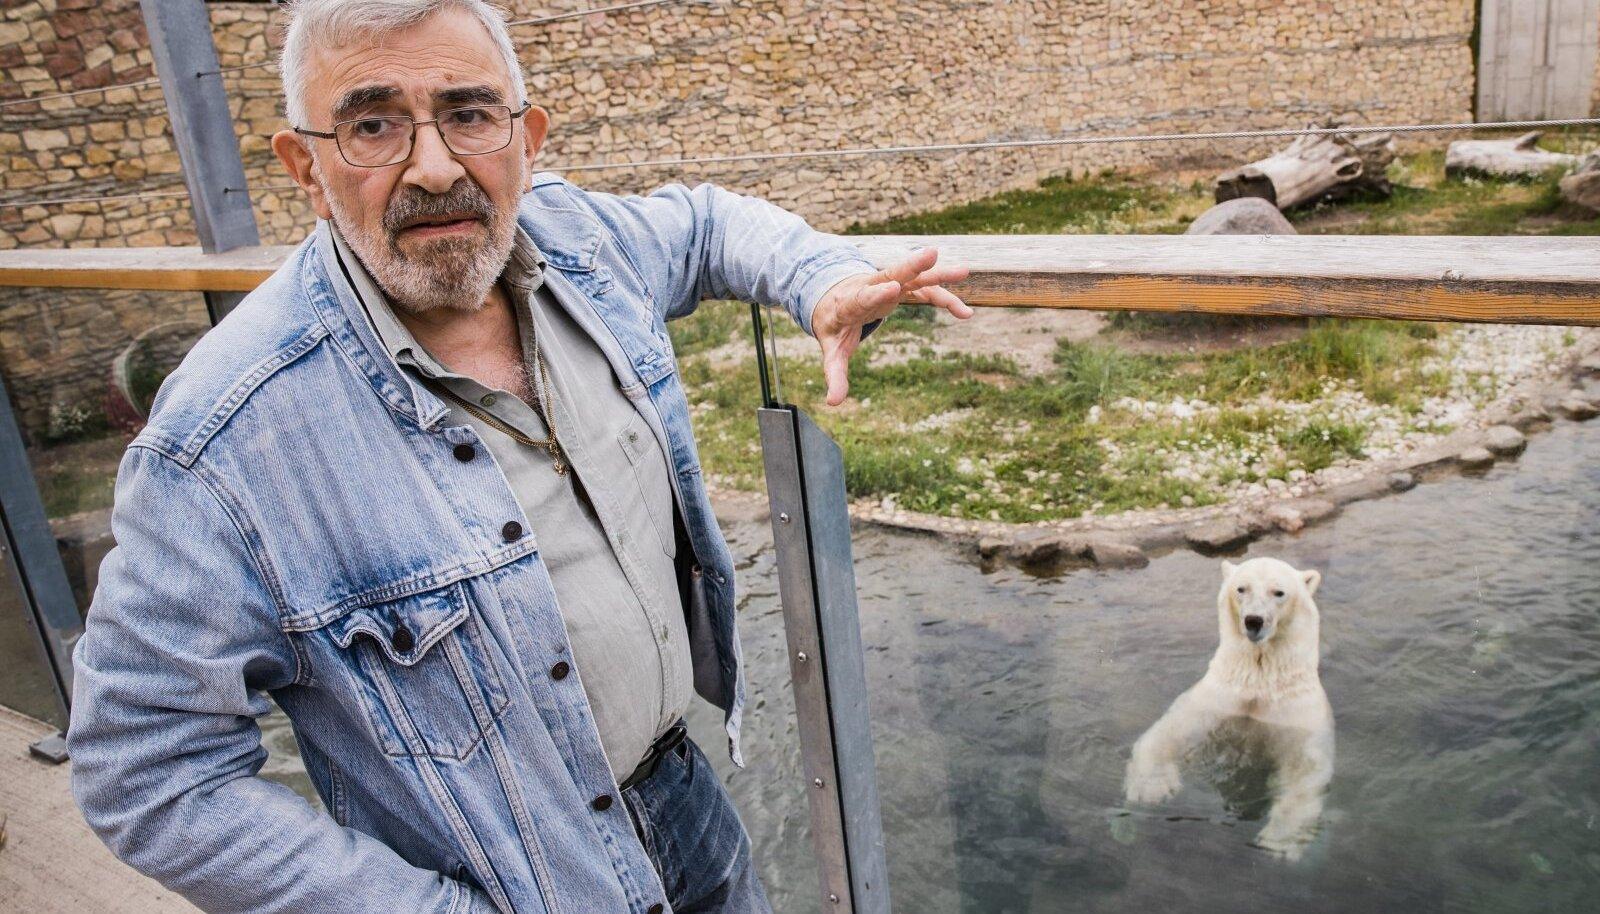 Isegi jääkaru jääb kuulama, kui Aleksei Turovski loomade loomusest räägib.